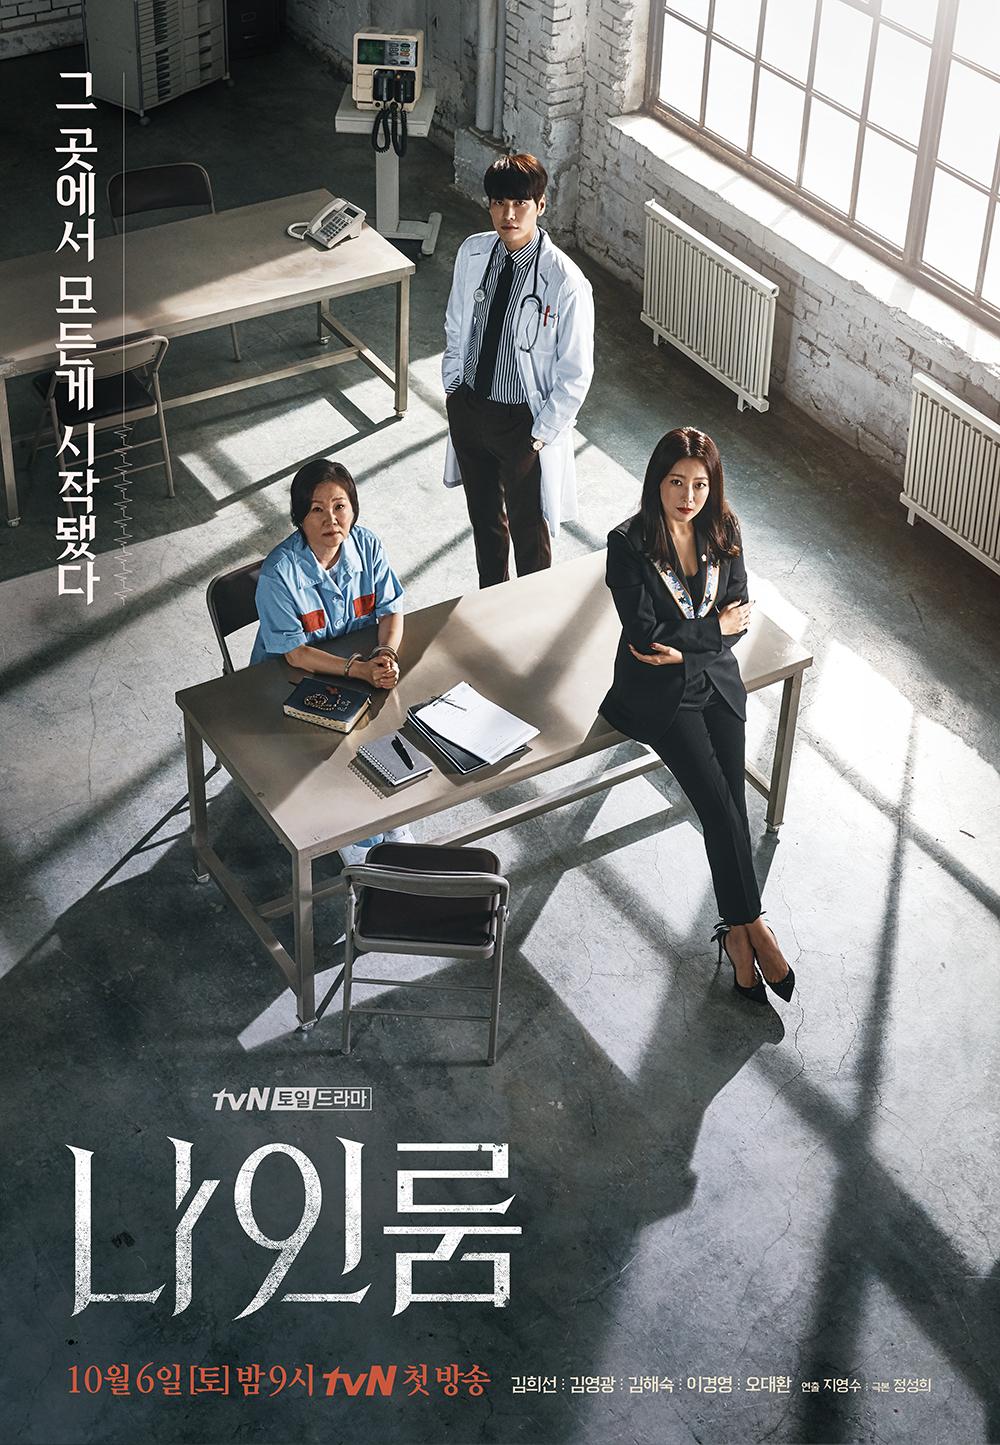 سریال کره ای اتاق شماره نُه 2018 Room No. 9